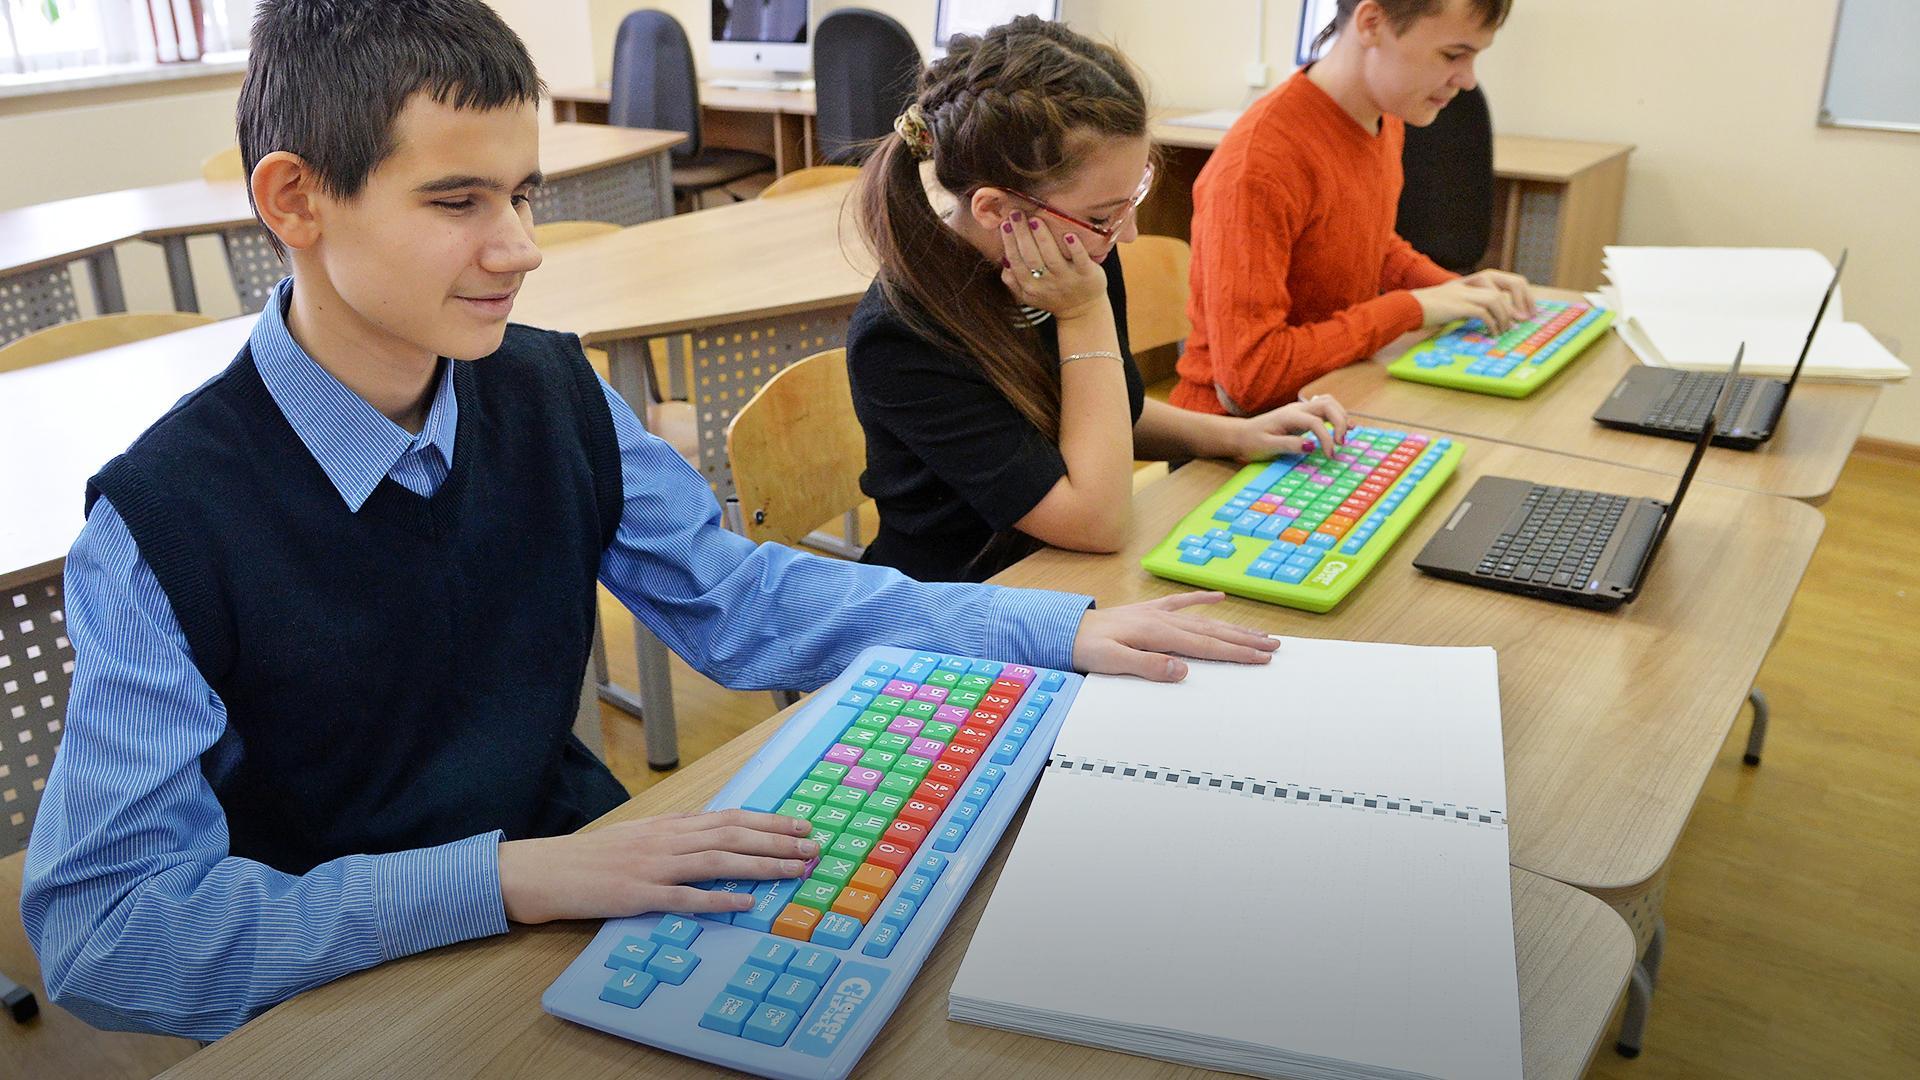 Виды коррекционных школ: виды специальных общеобразовательных уроков математики или русского языка и рабочие программы для обучения